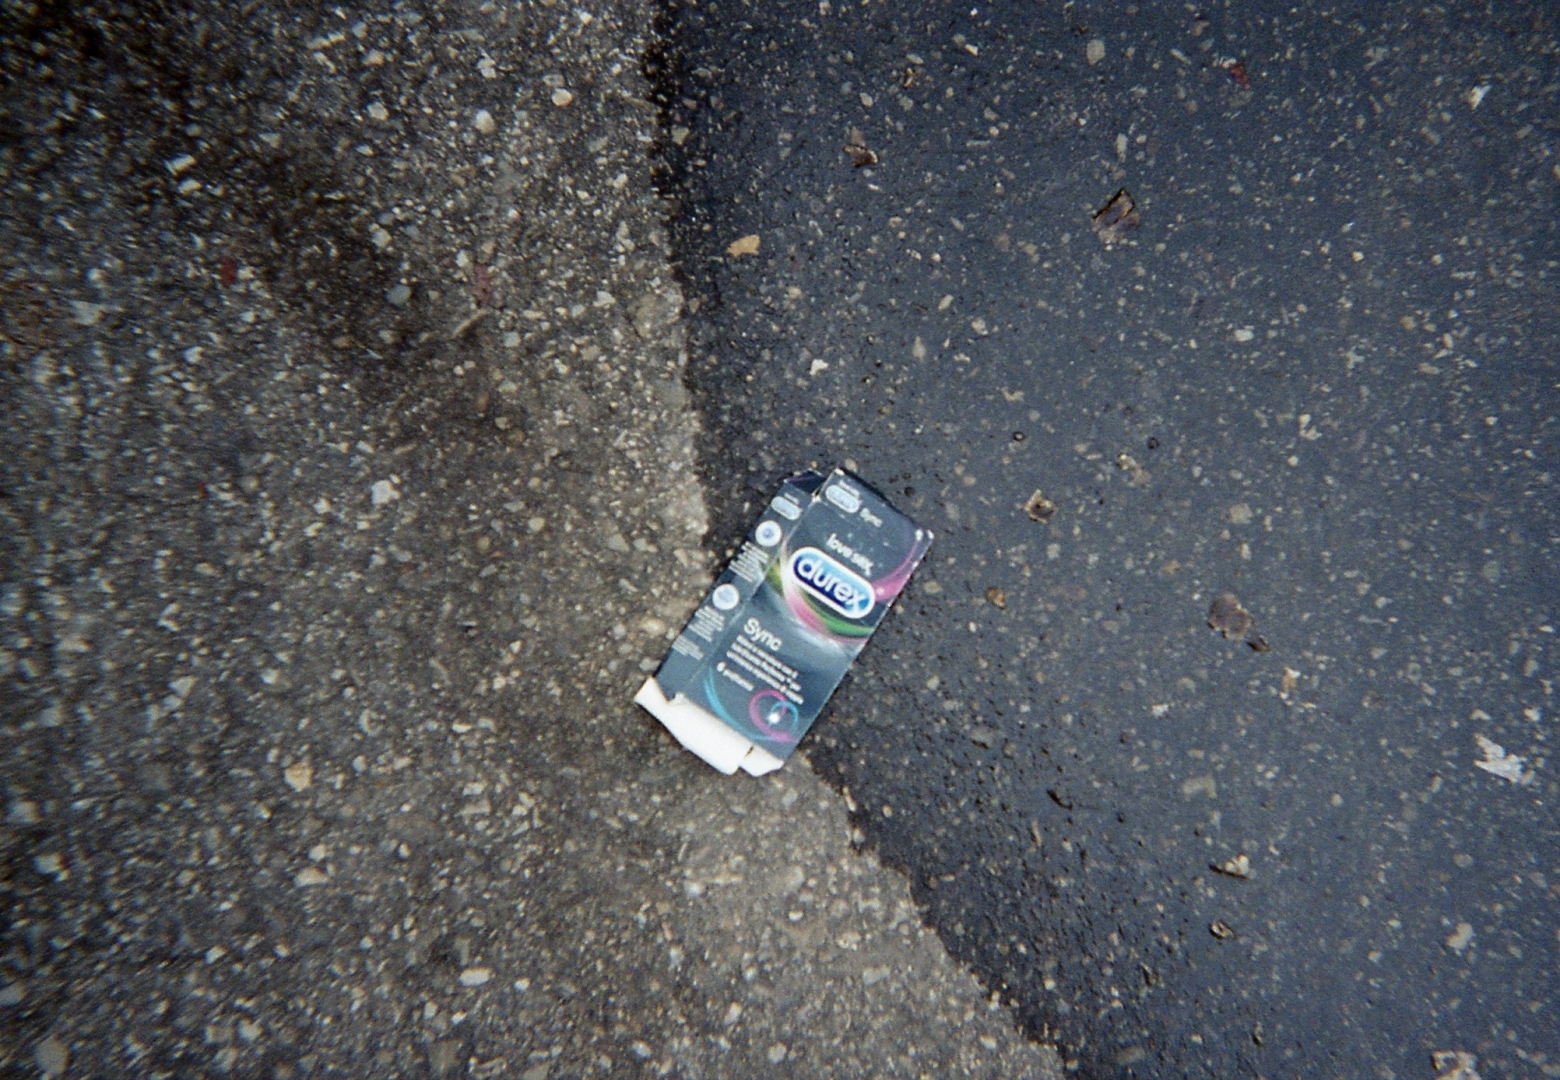 Пустая упаковка из-под презервативов Durex